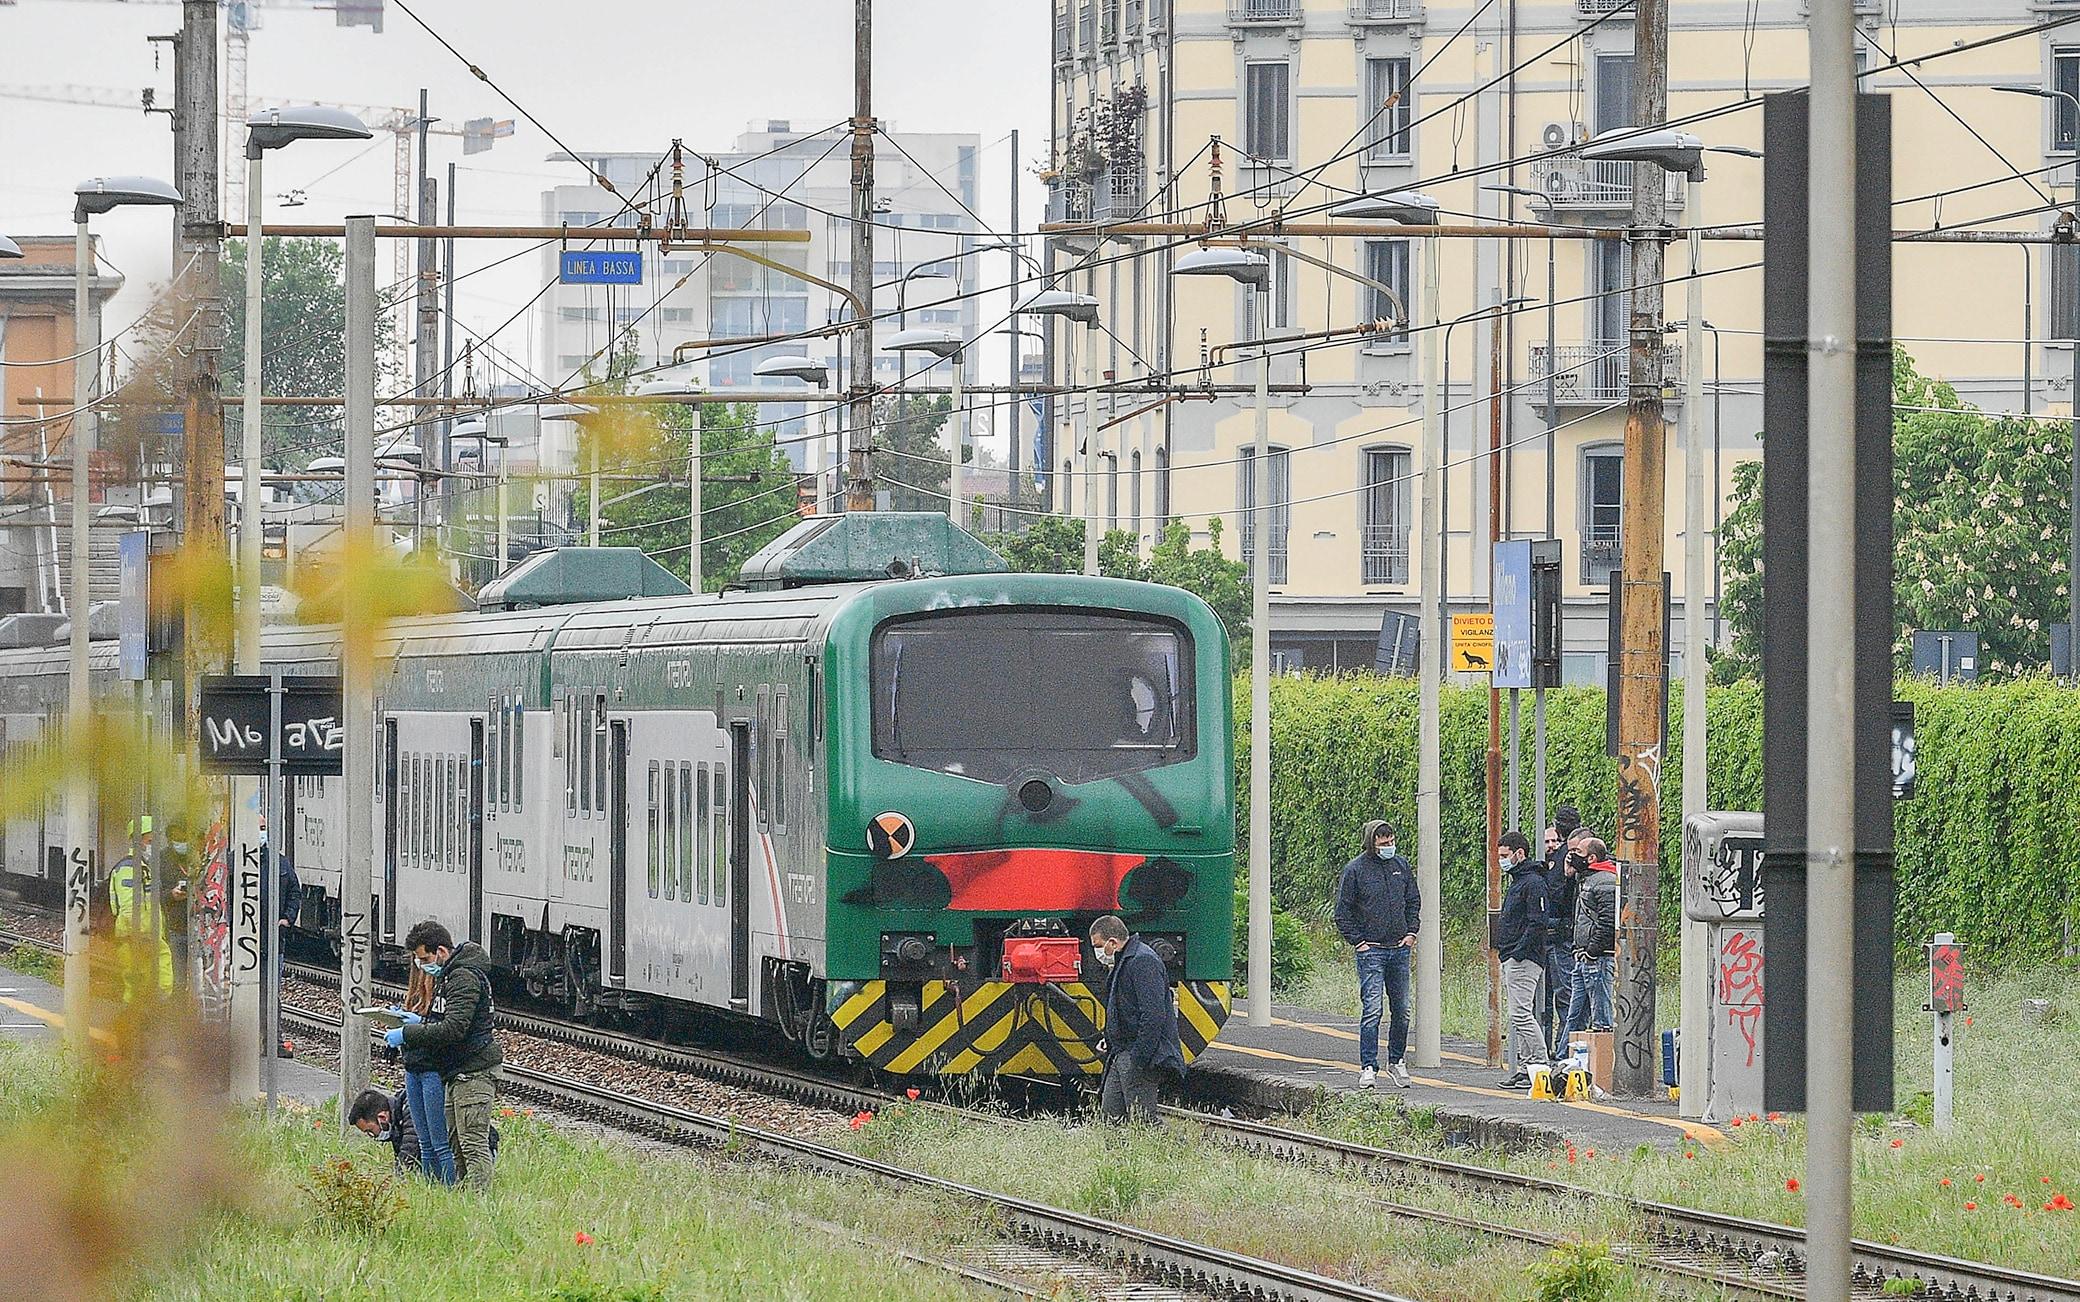 Convoglio ferroviario Trenord bloccato nella stazione di Porta Romana a seguito di azione da parte di antagonisti No Tav,   27 Aprile,  2021,  ANSA/Andrea Fasani